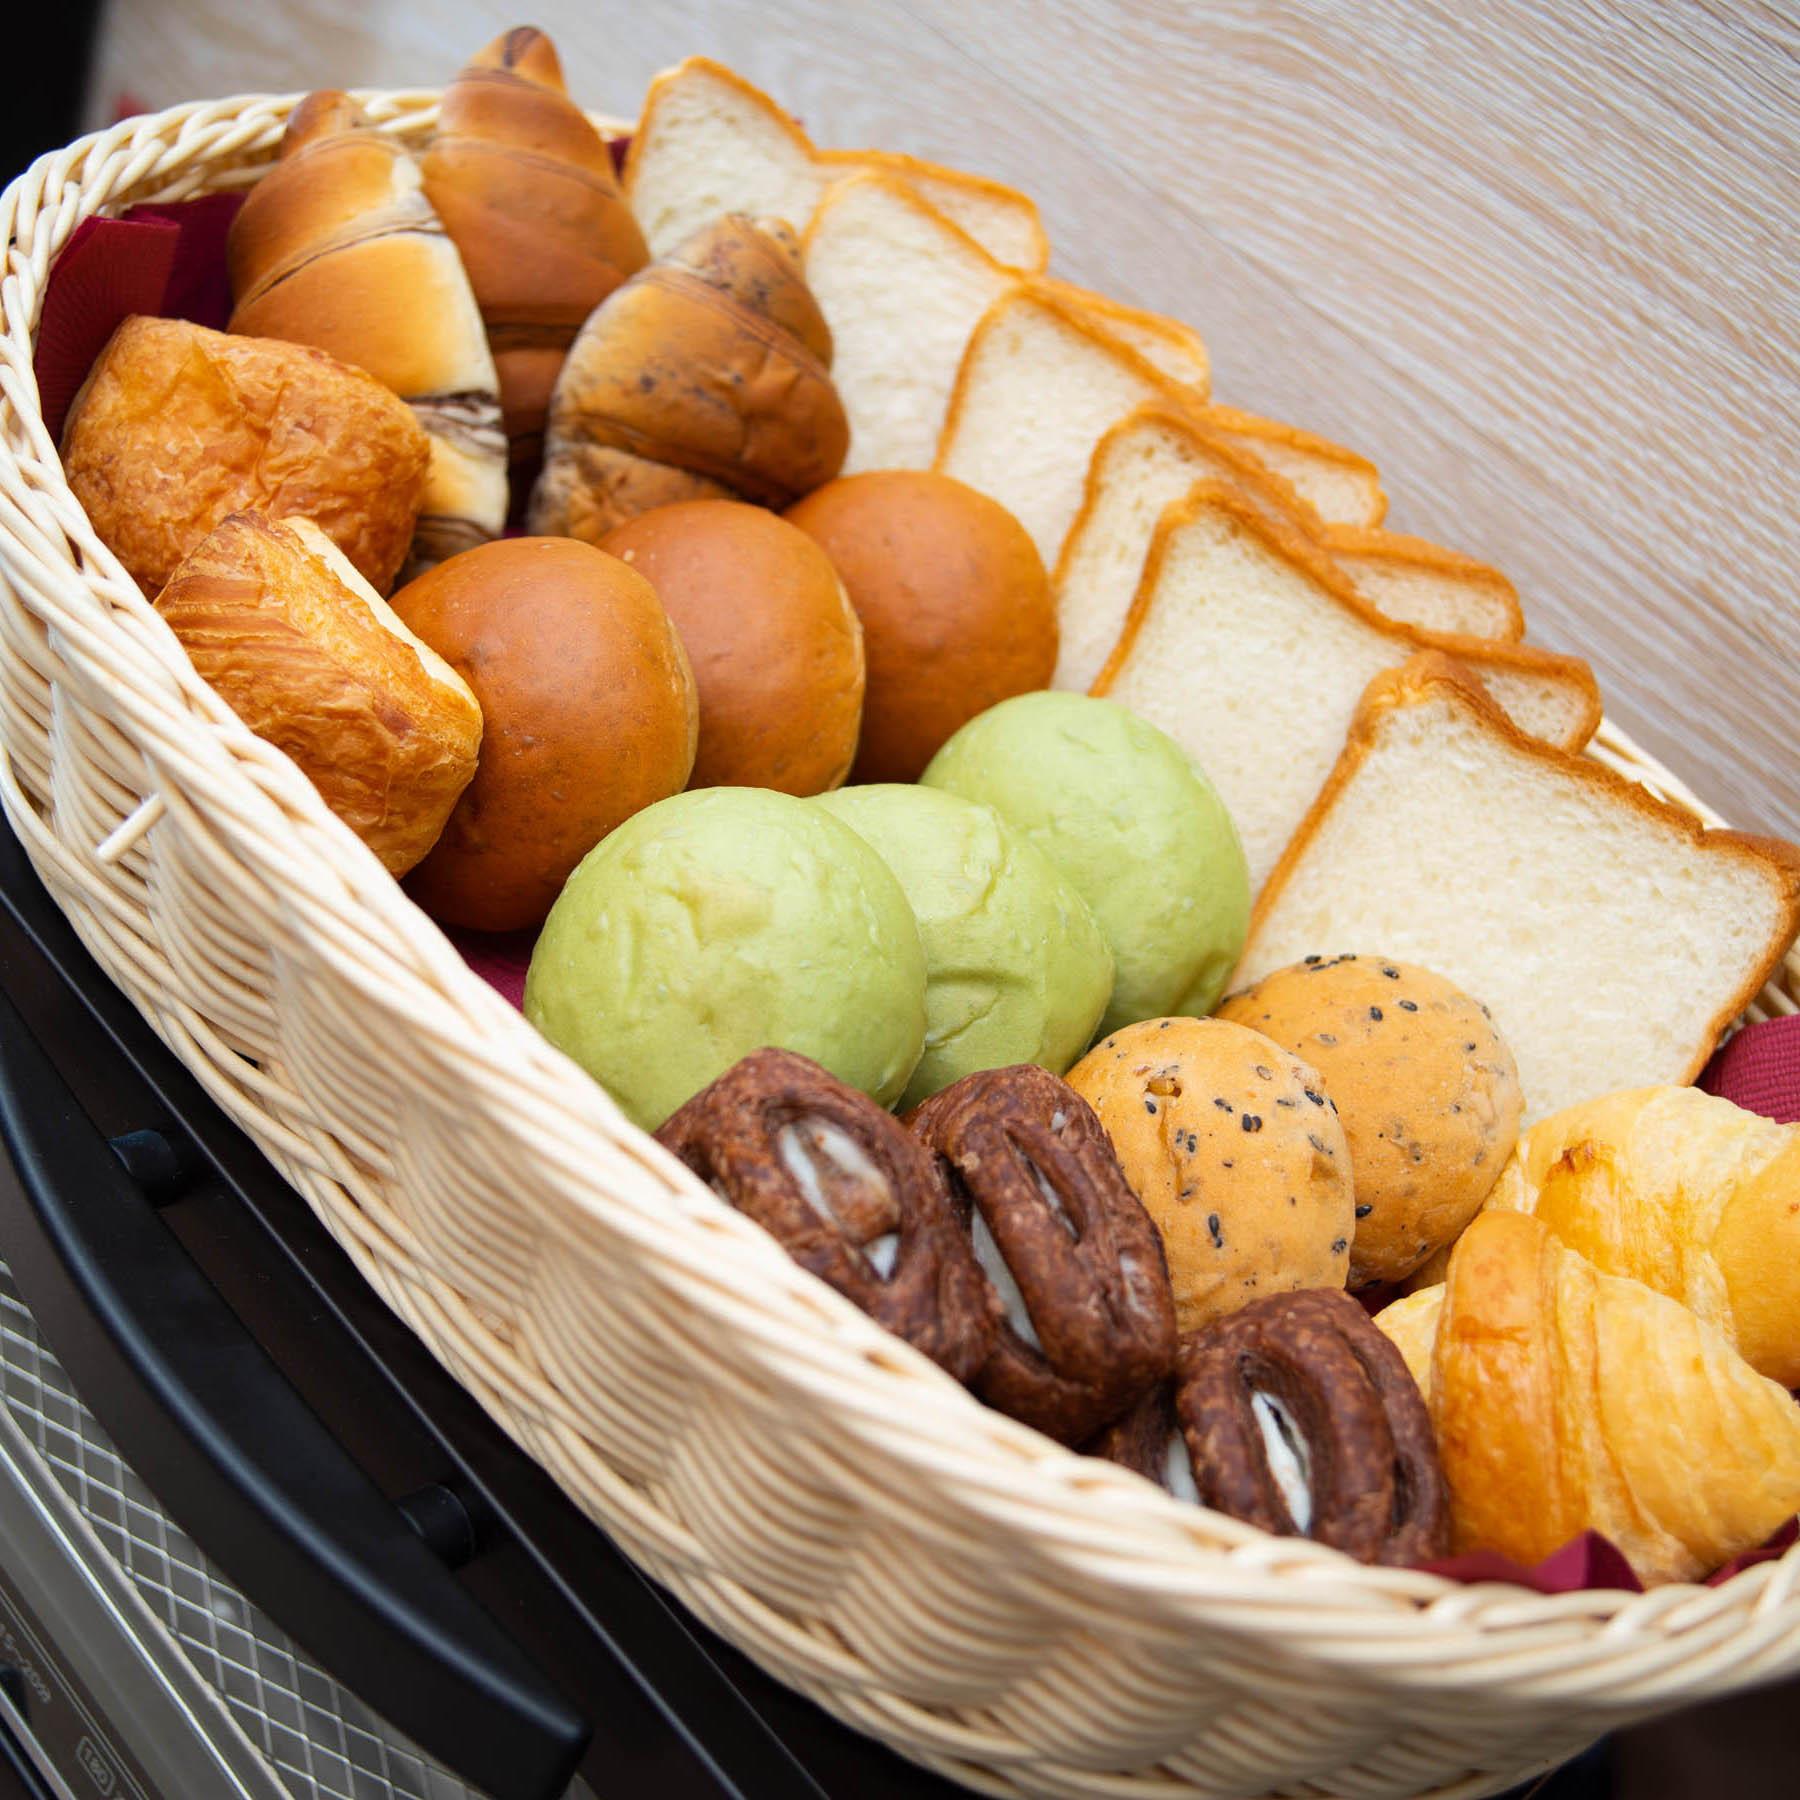 パンも各種ご用意しております♪トーストはトースターで焼いてお召し上がりください!!